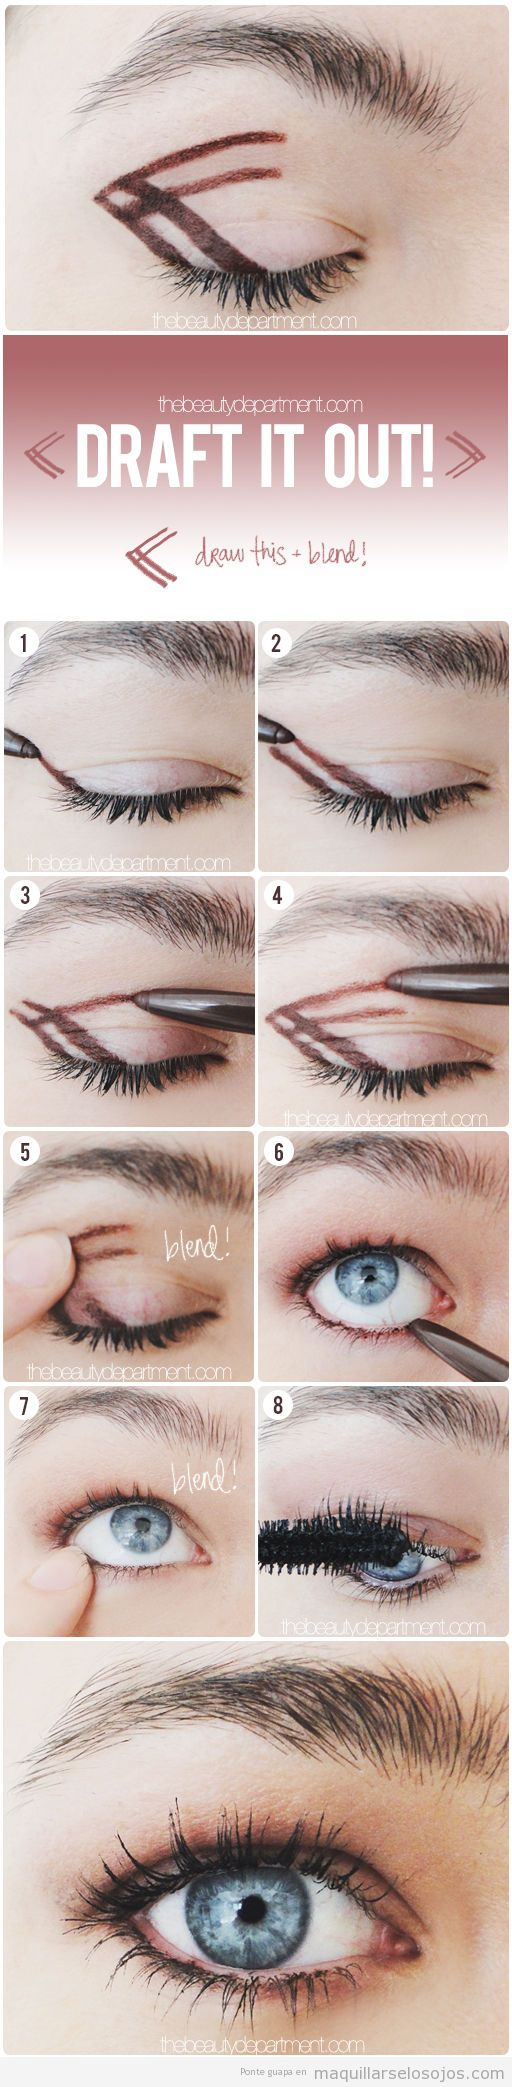 Tutorial con un truco para hacer un maquillaje de ojos ahumado